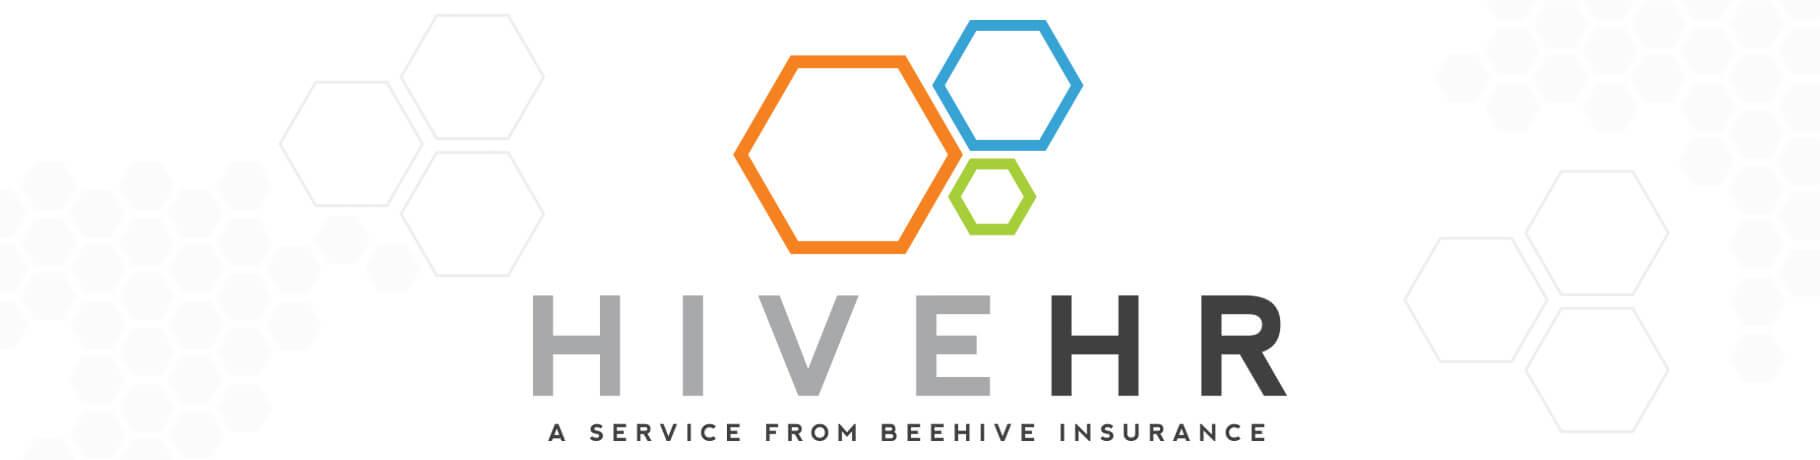 hive_hr-header@2x